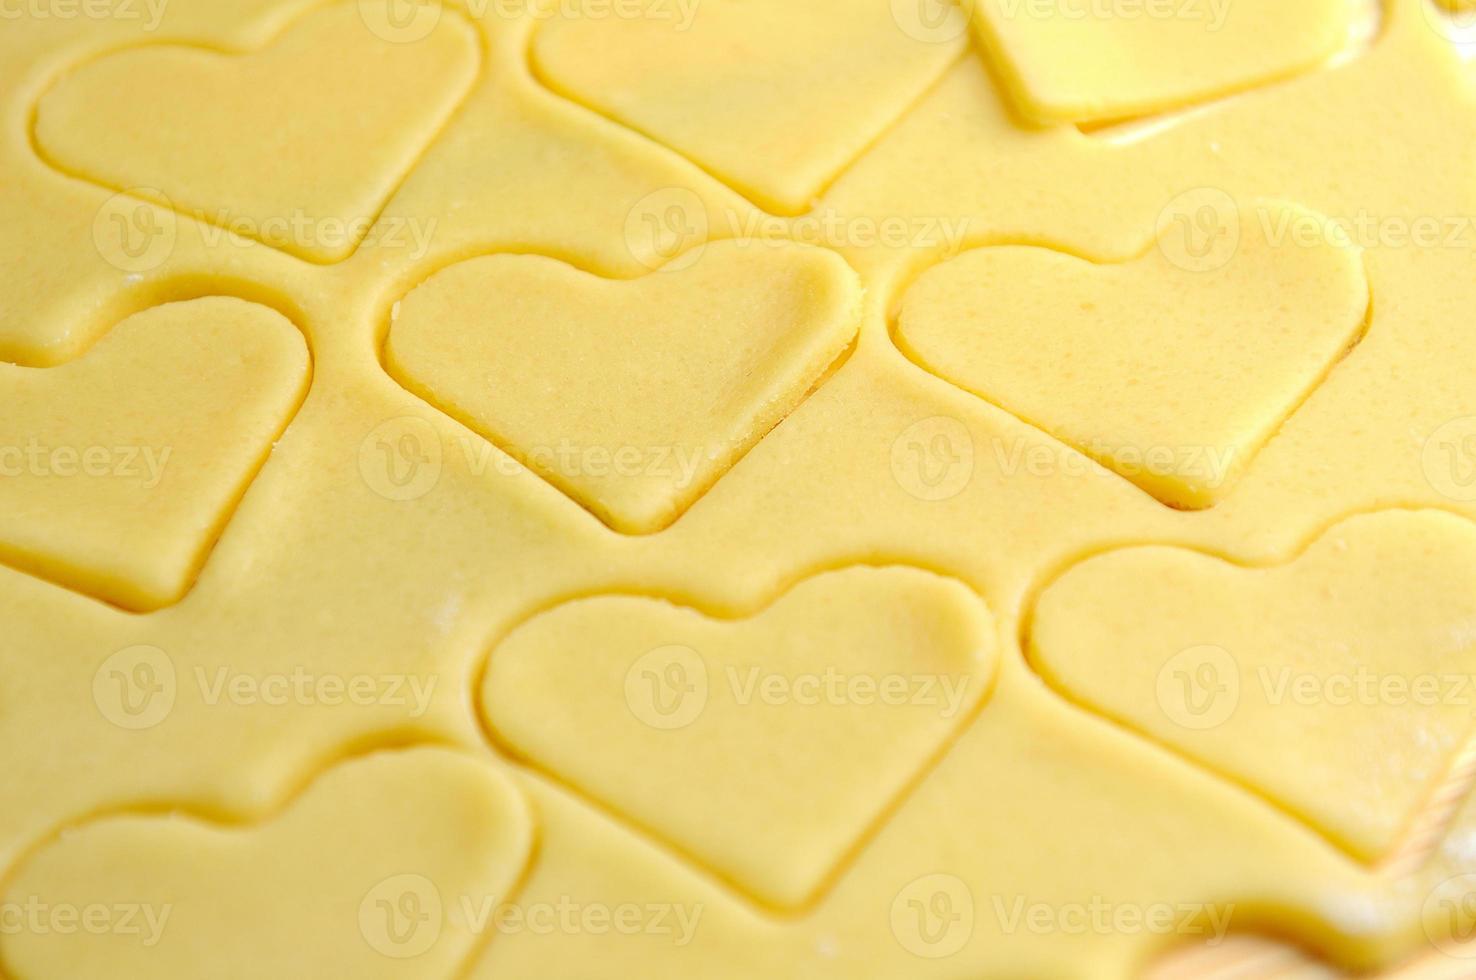 cuisson des biscuits coeur pour la Saint-Valentin photo